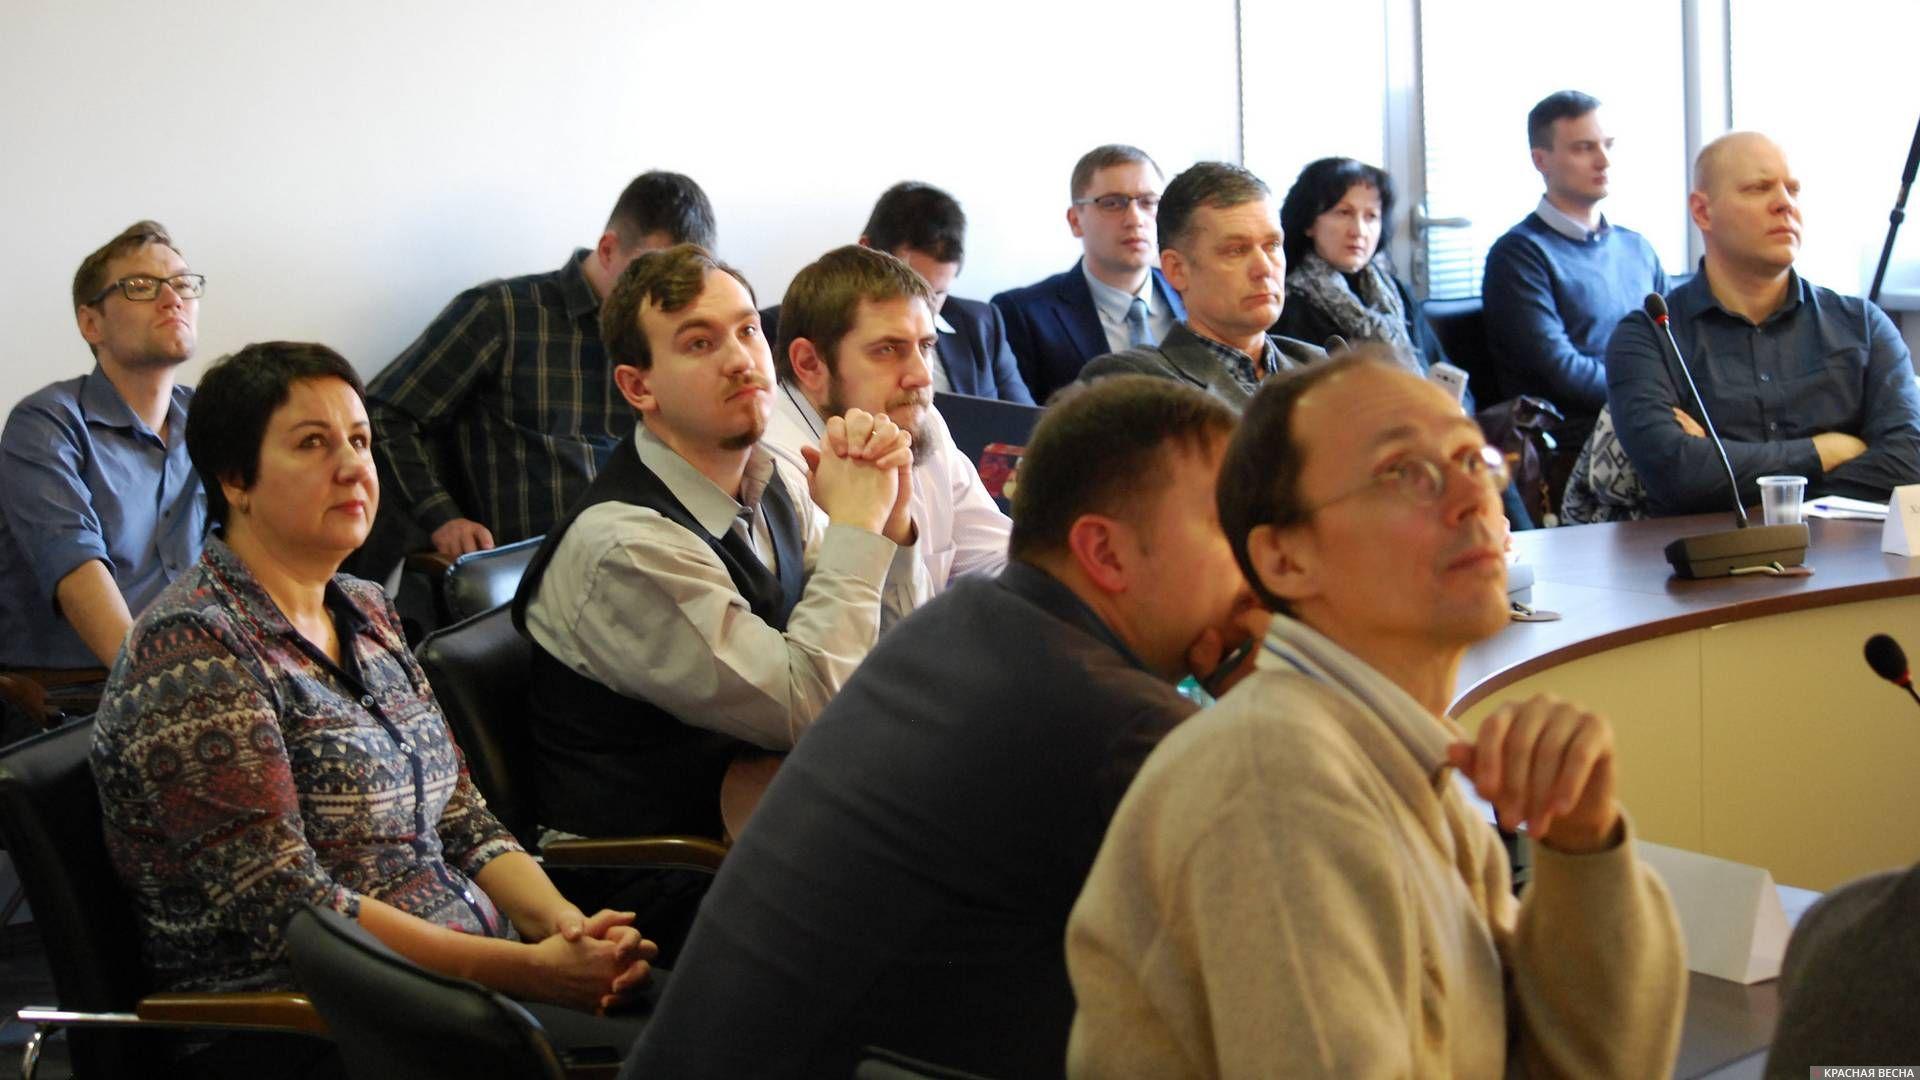 Участники дискуссионного круглого стола в Новосибирске